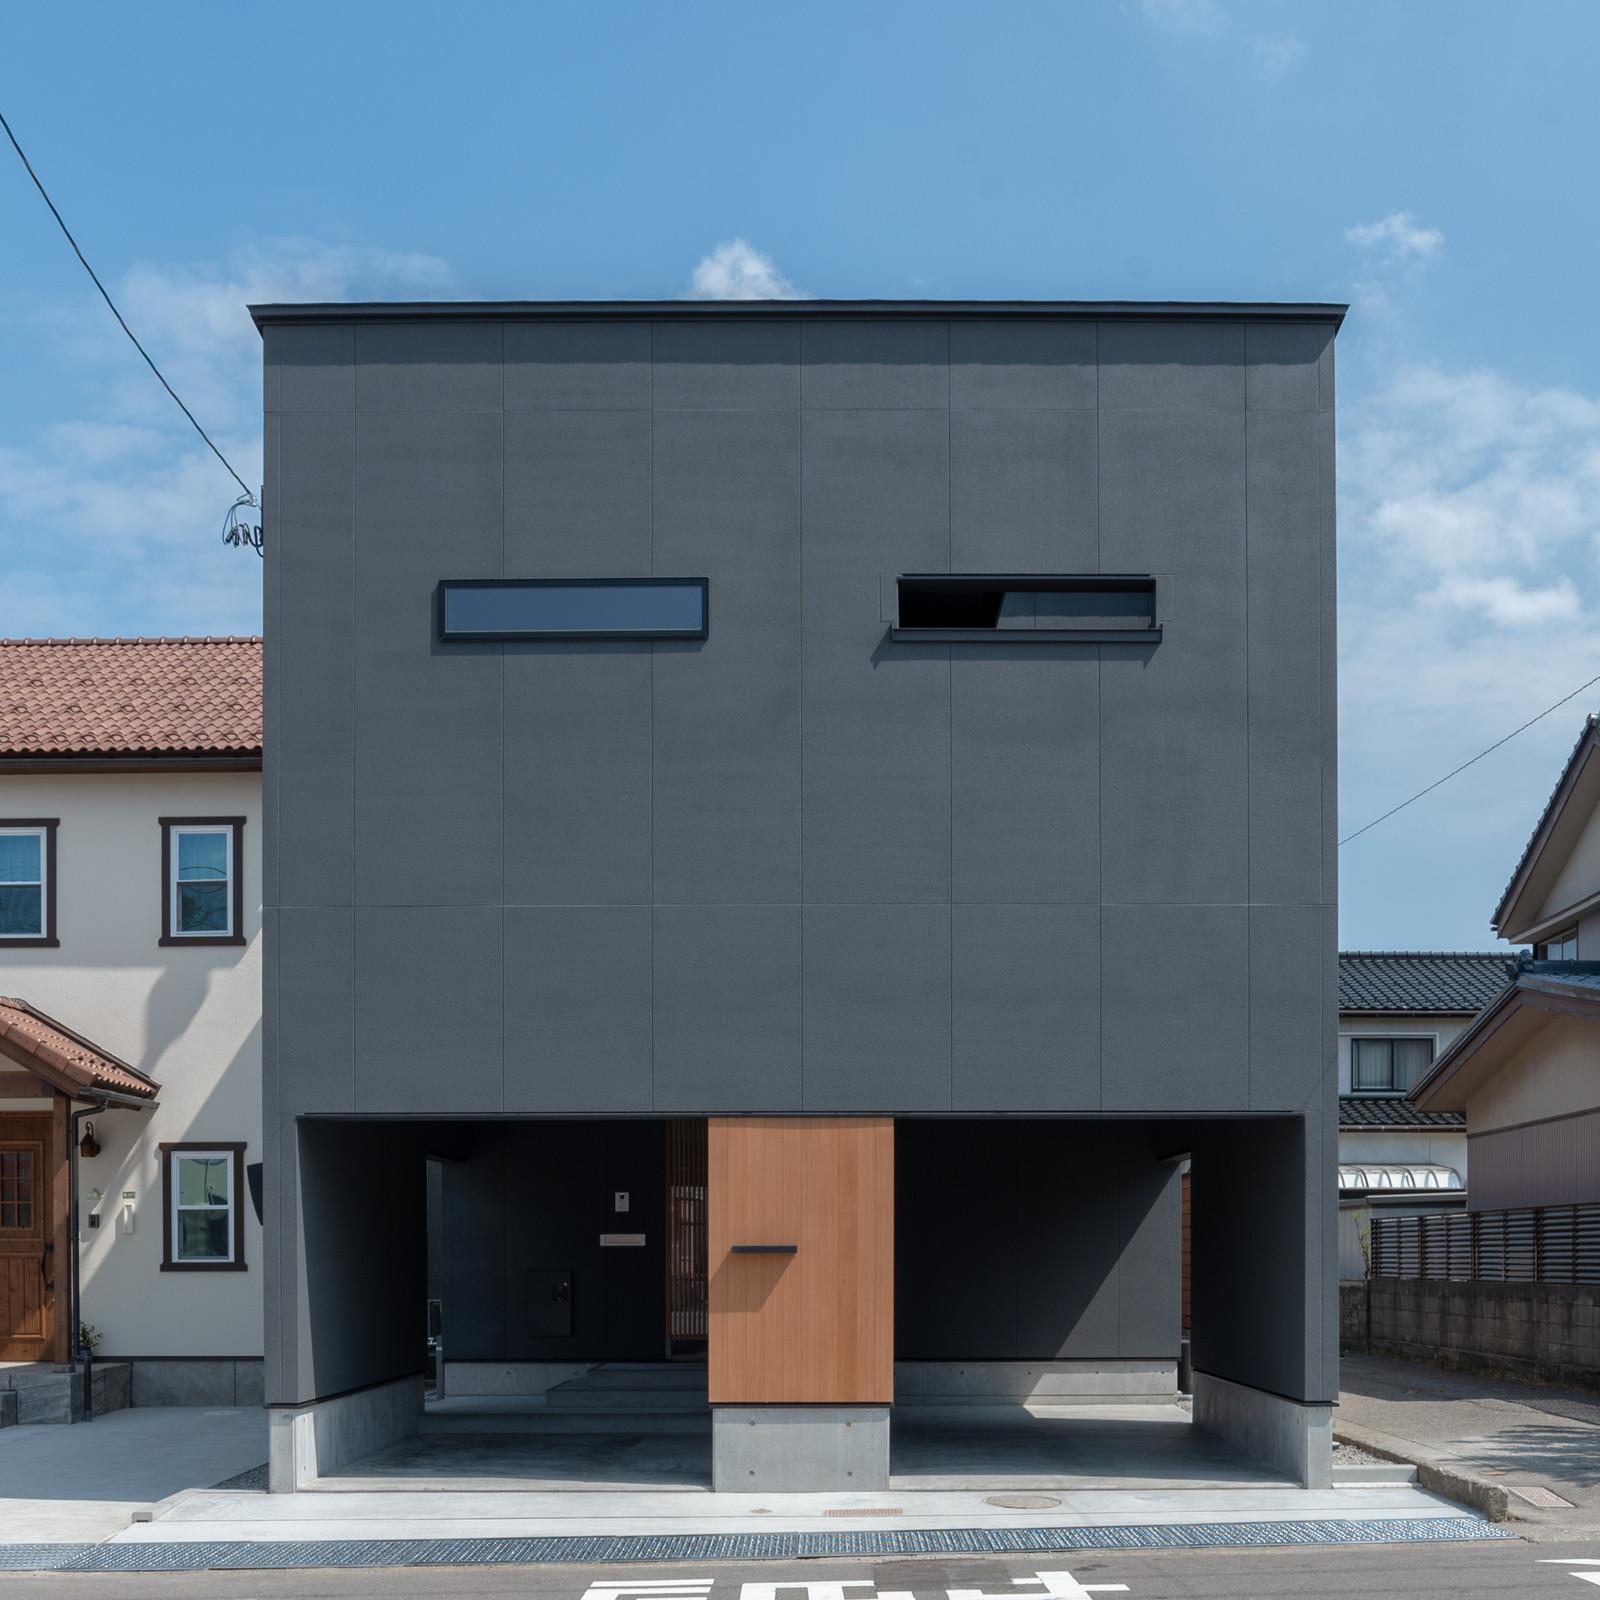 円光寺の家 内部と外部が繋がるミニマルな住宅の建築事例写真